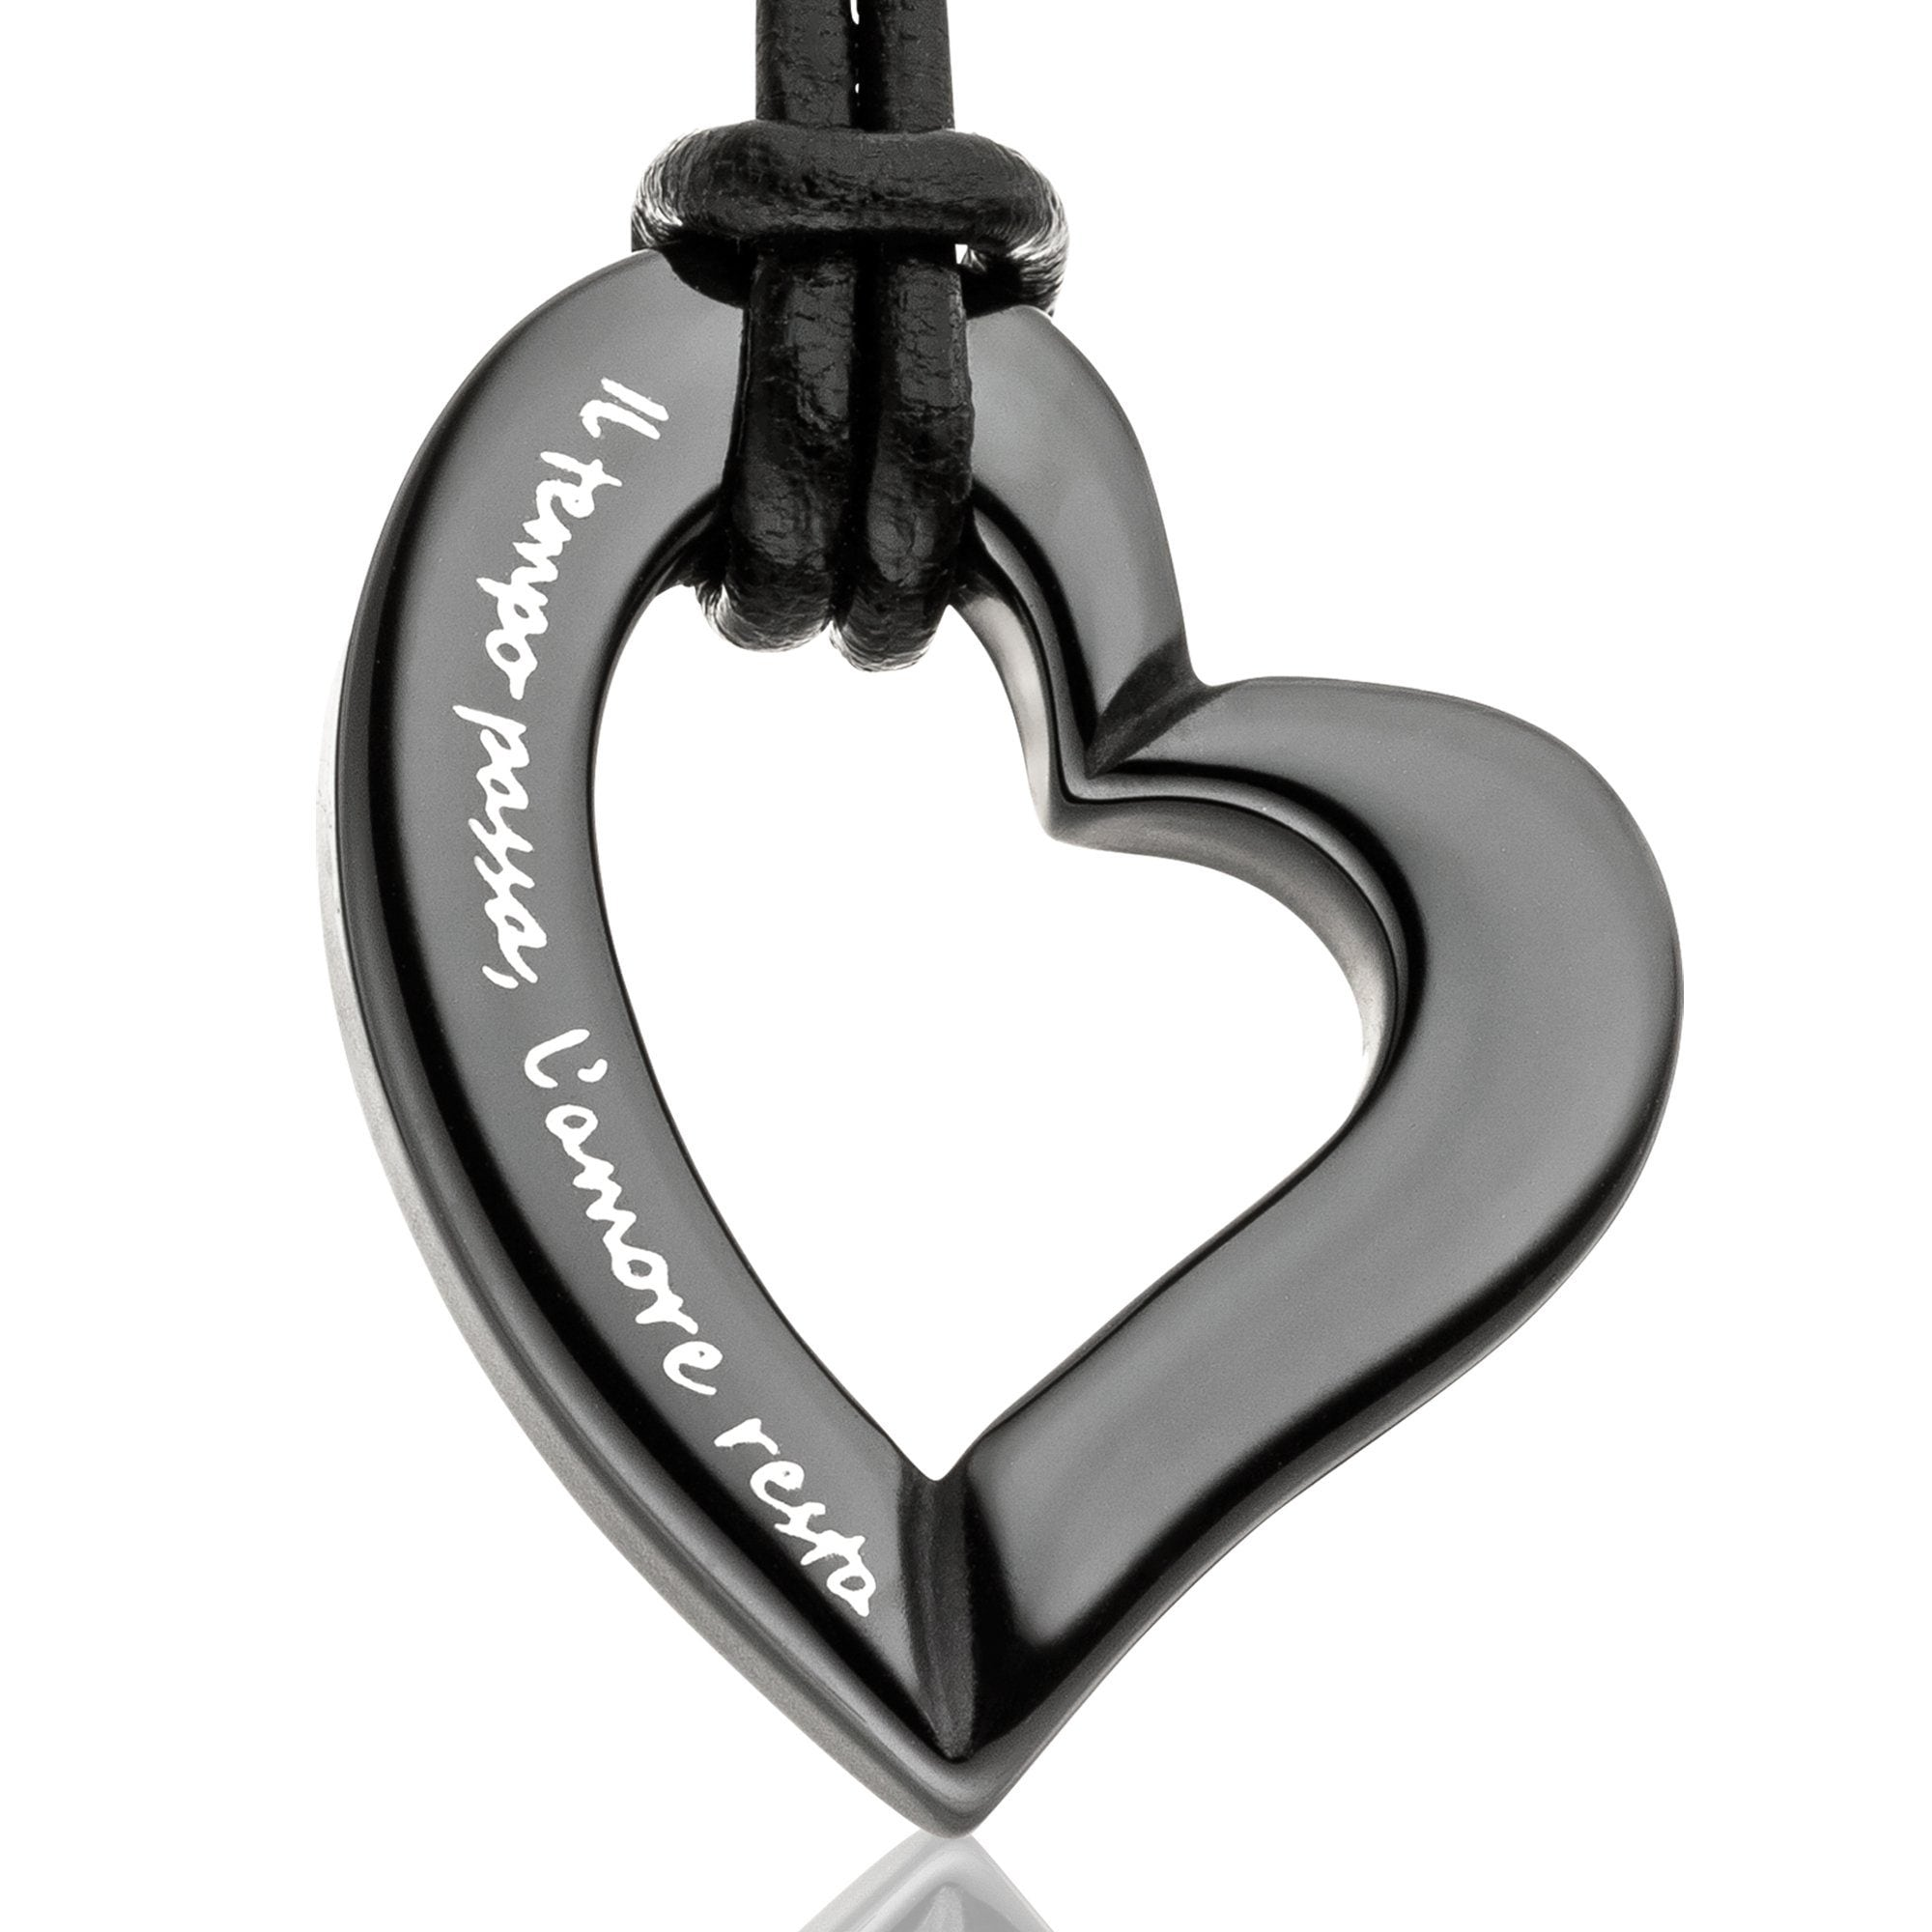 Gilardy Anhänger mit Kette »Keramik Herz Black« | Schmuck > Halsketten > Herzketten | Schwarz | GILARDY